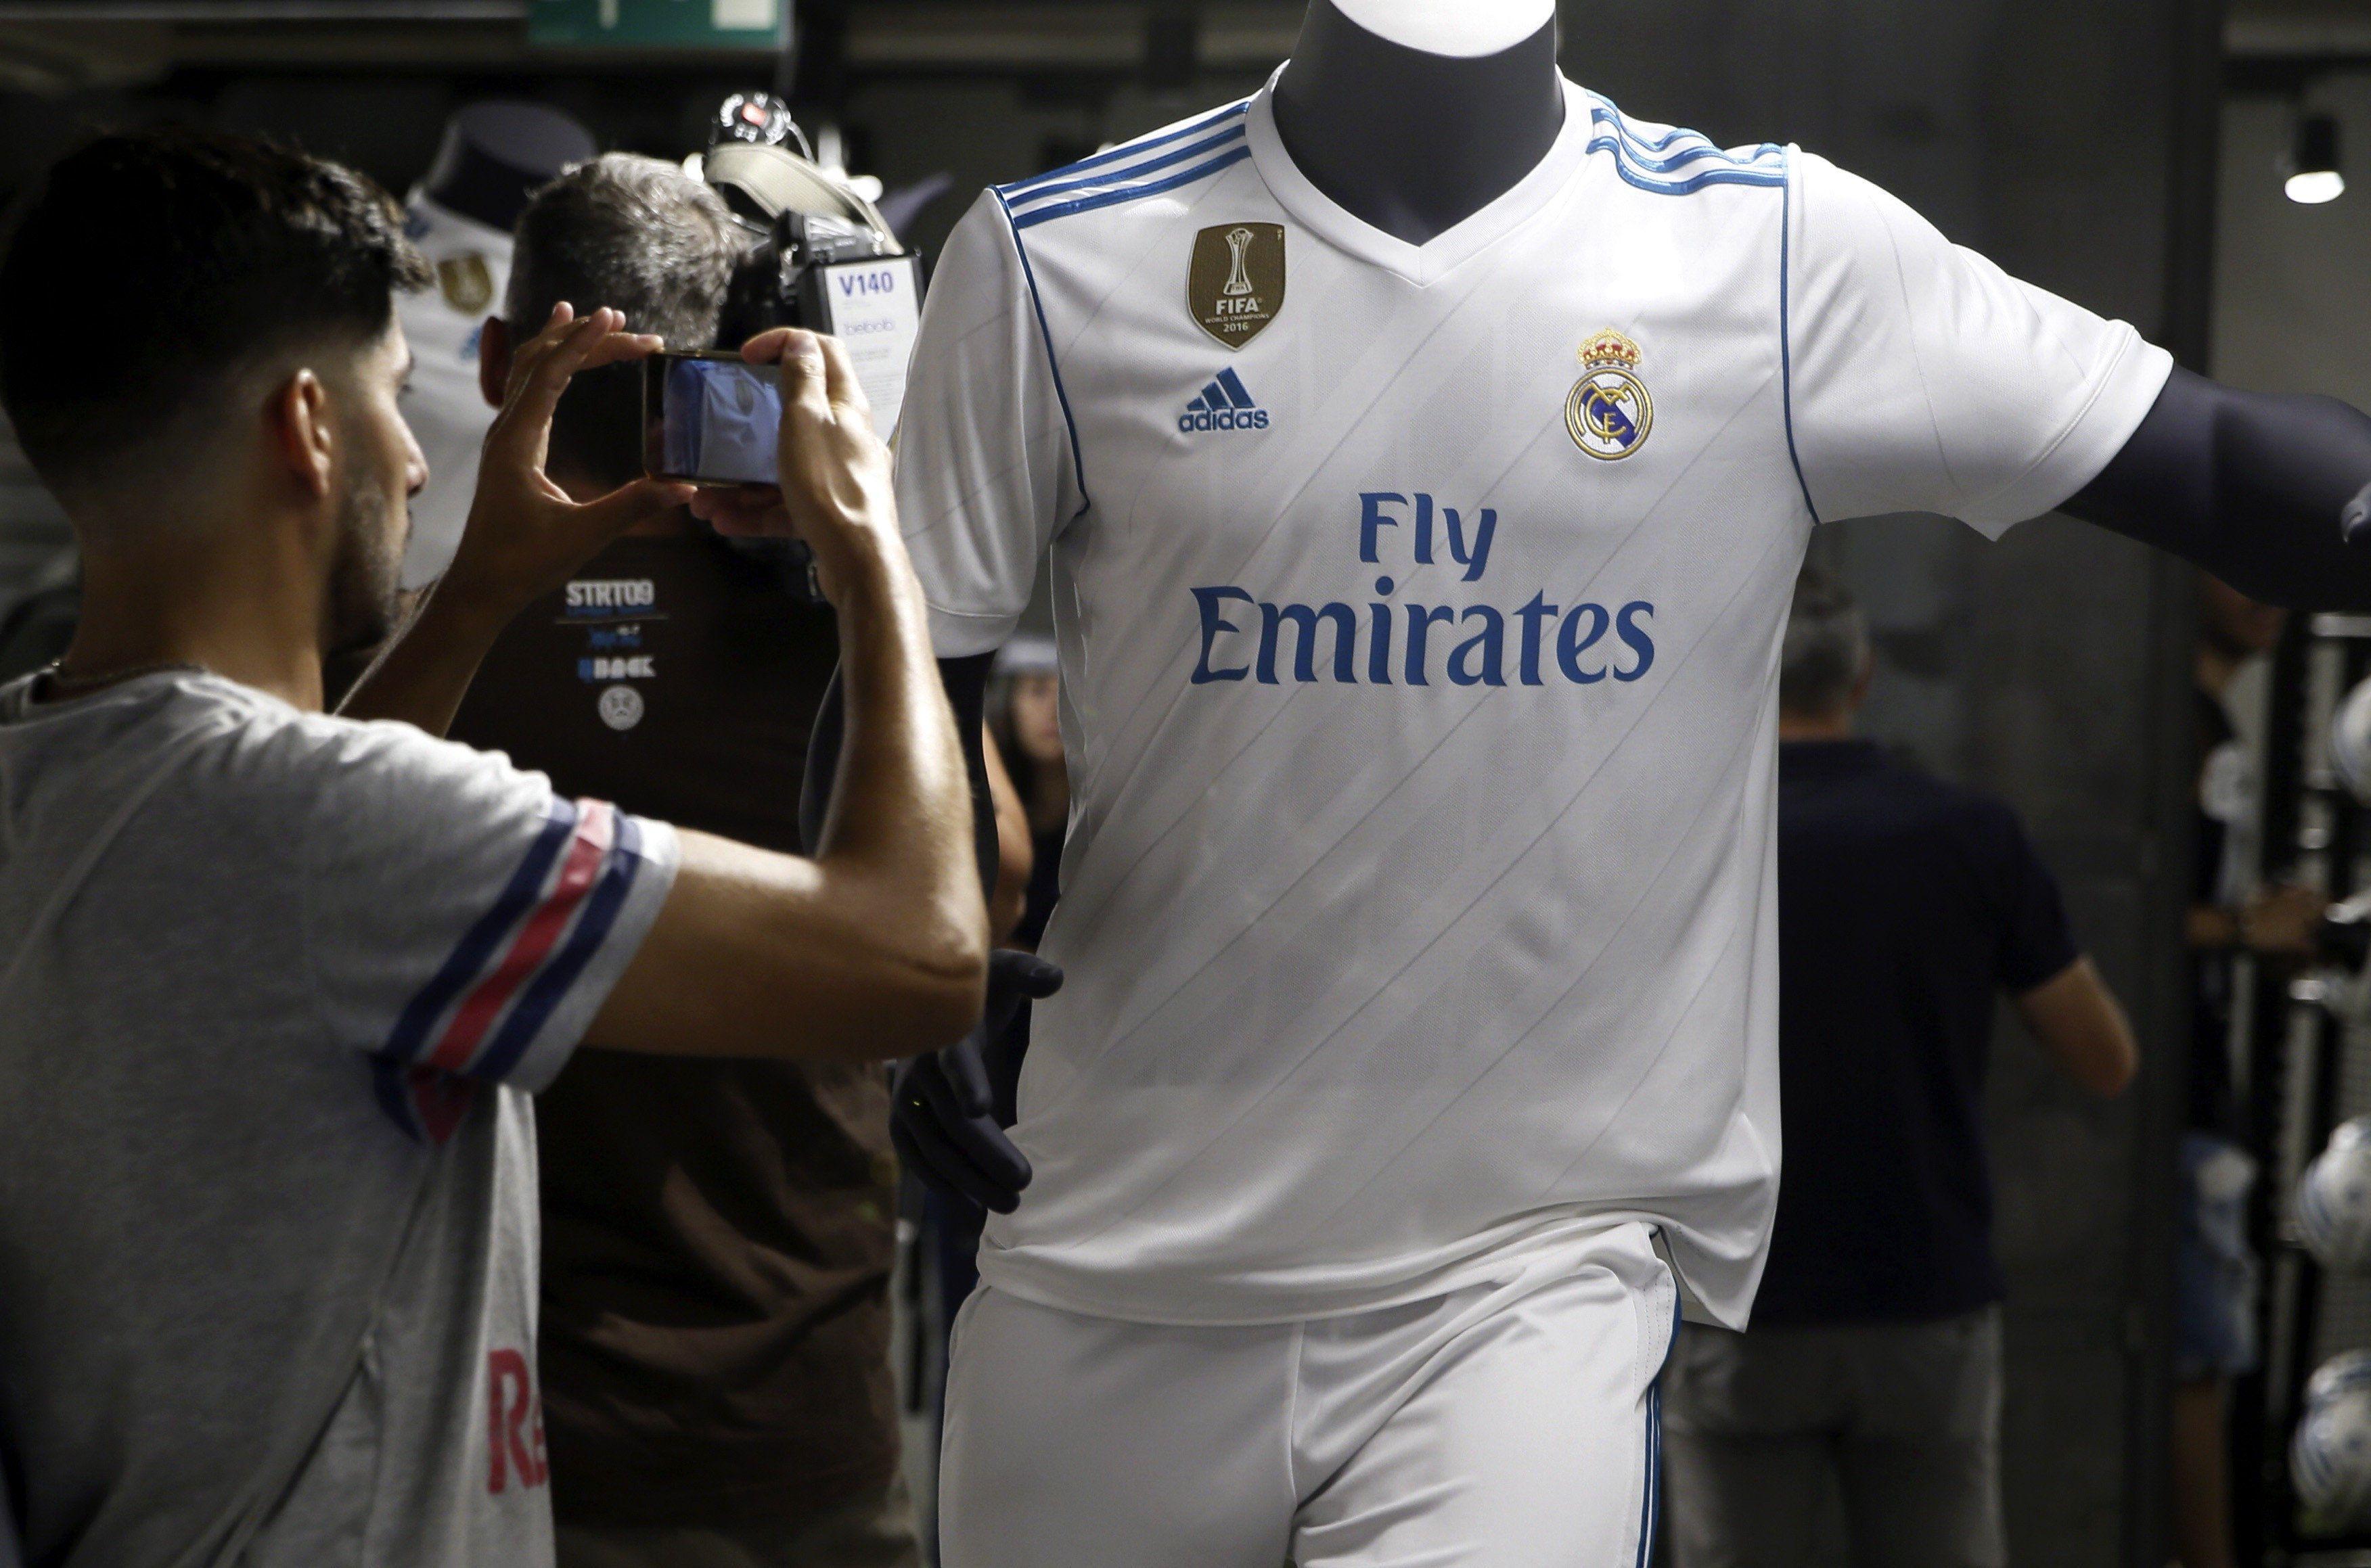 Los fanáticos del Real ya pueden adquirir su nueva camiseta